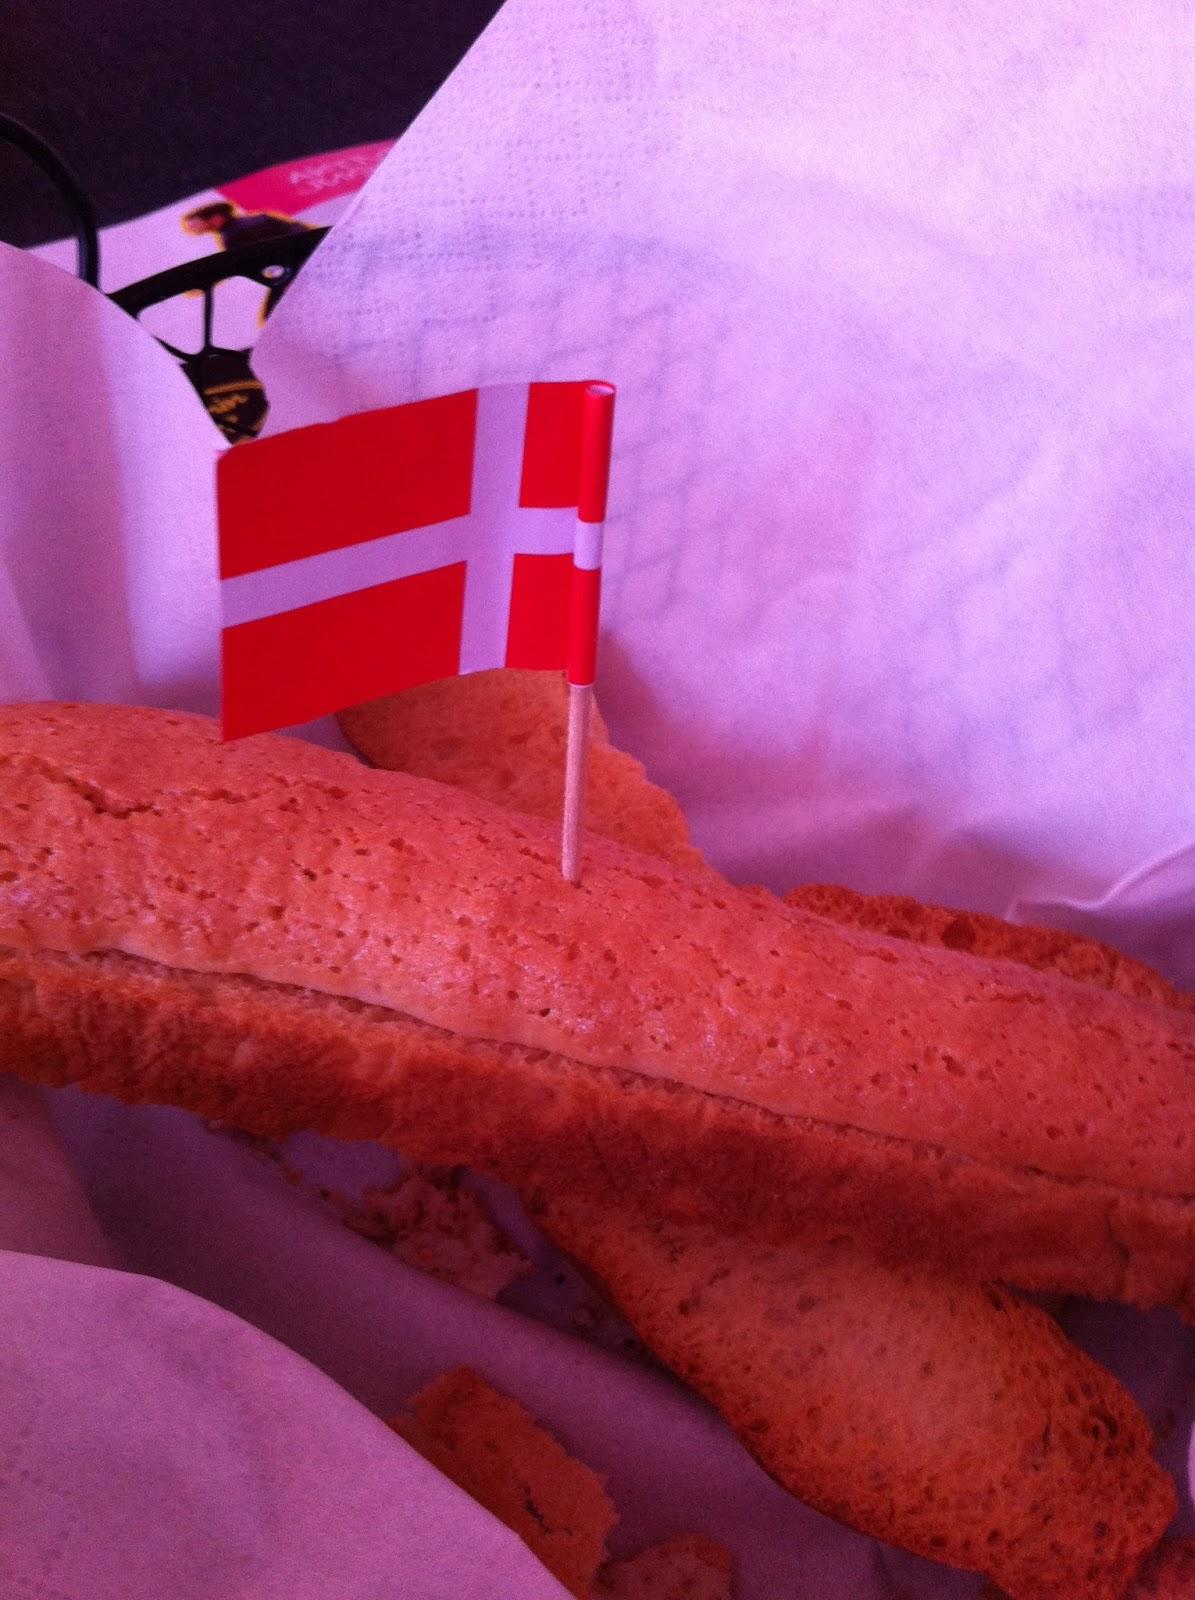 engelsk mad spottet pik